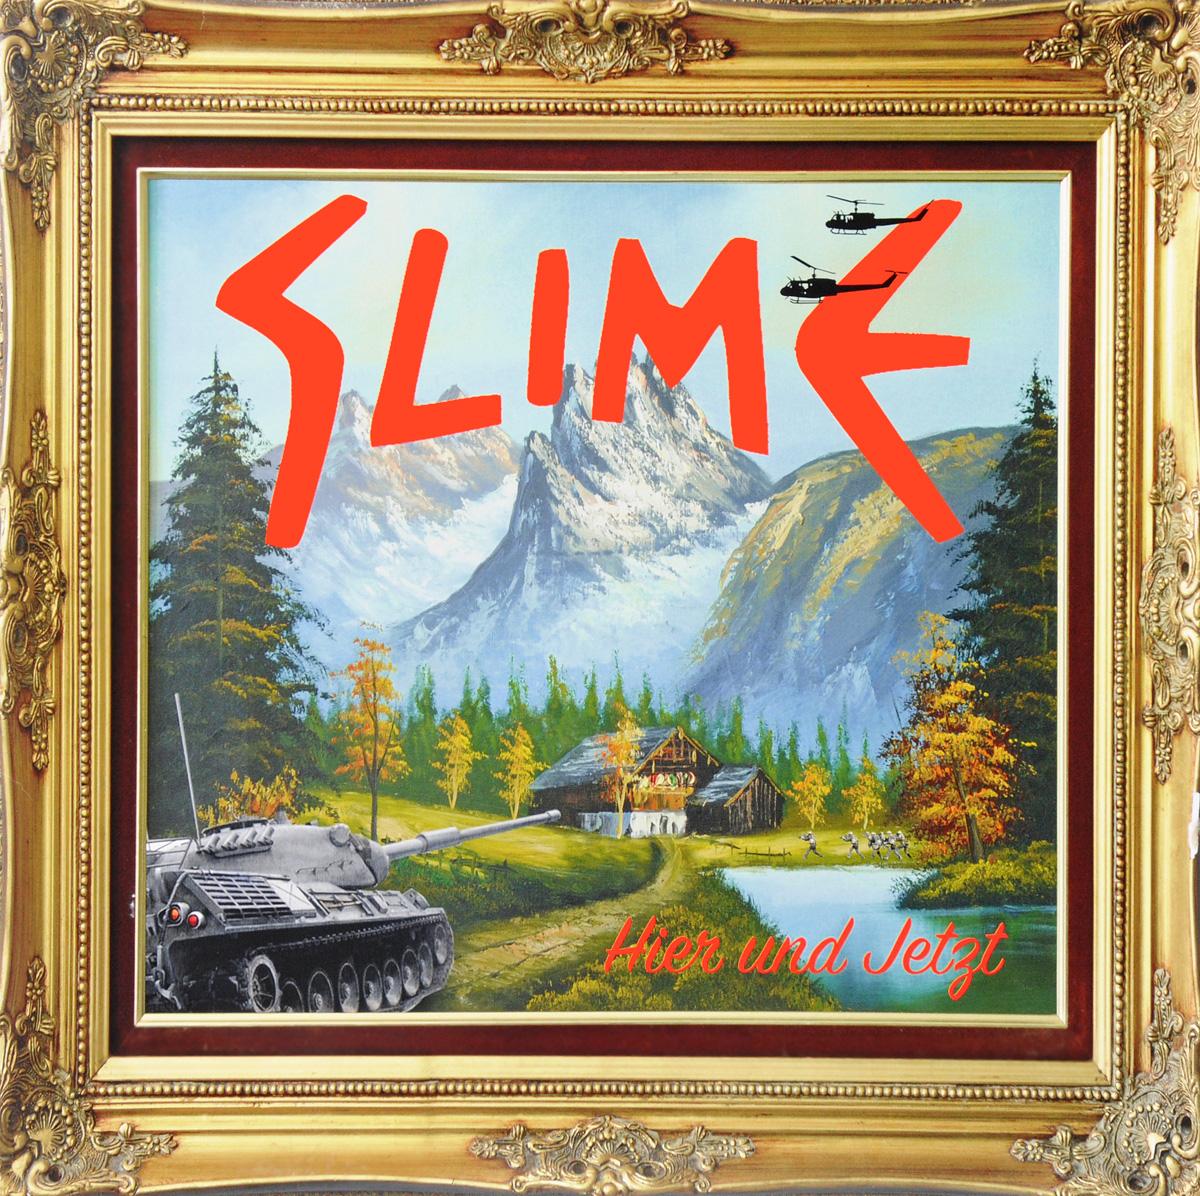 Slime Slime. Hier Und Jetzt (2 LP + CD)